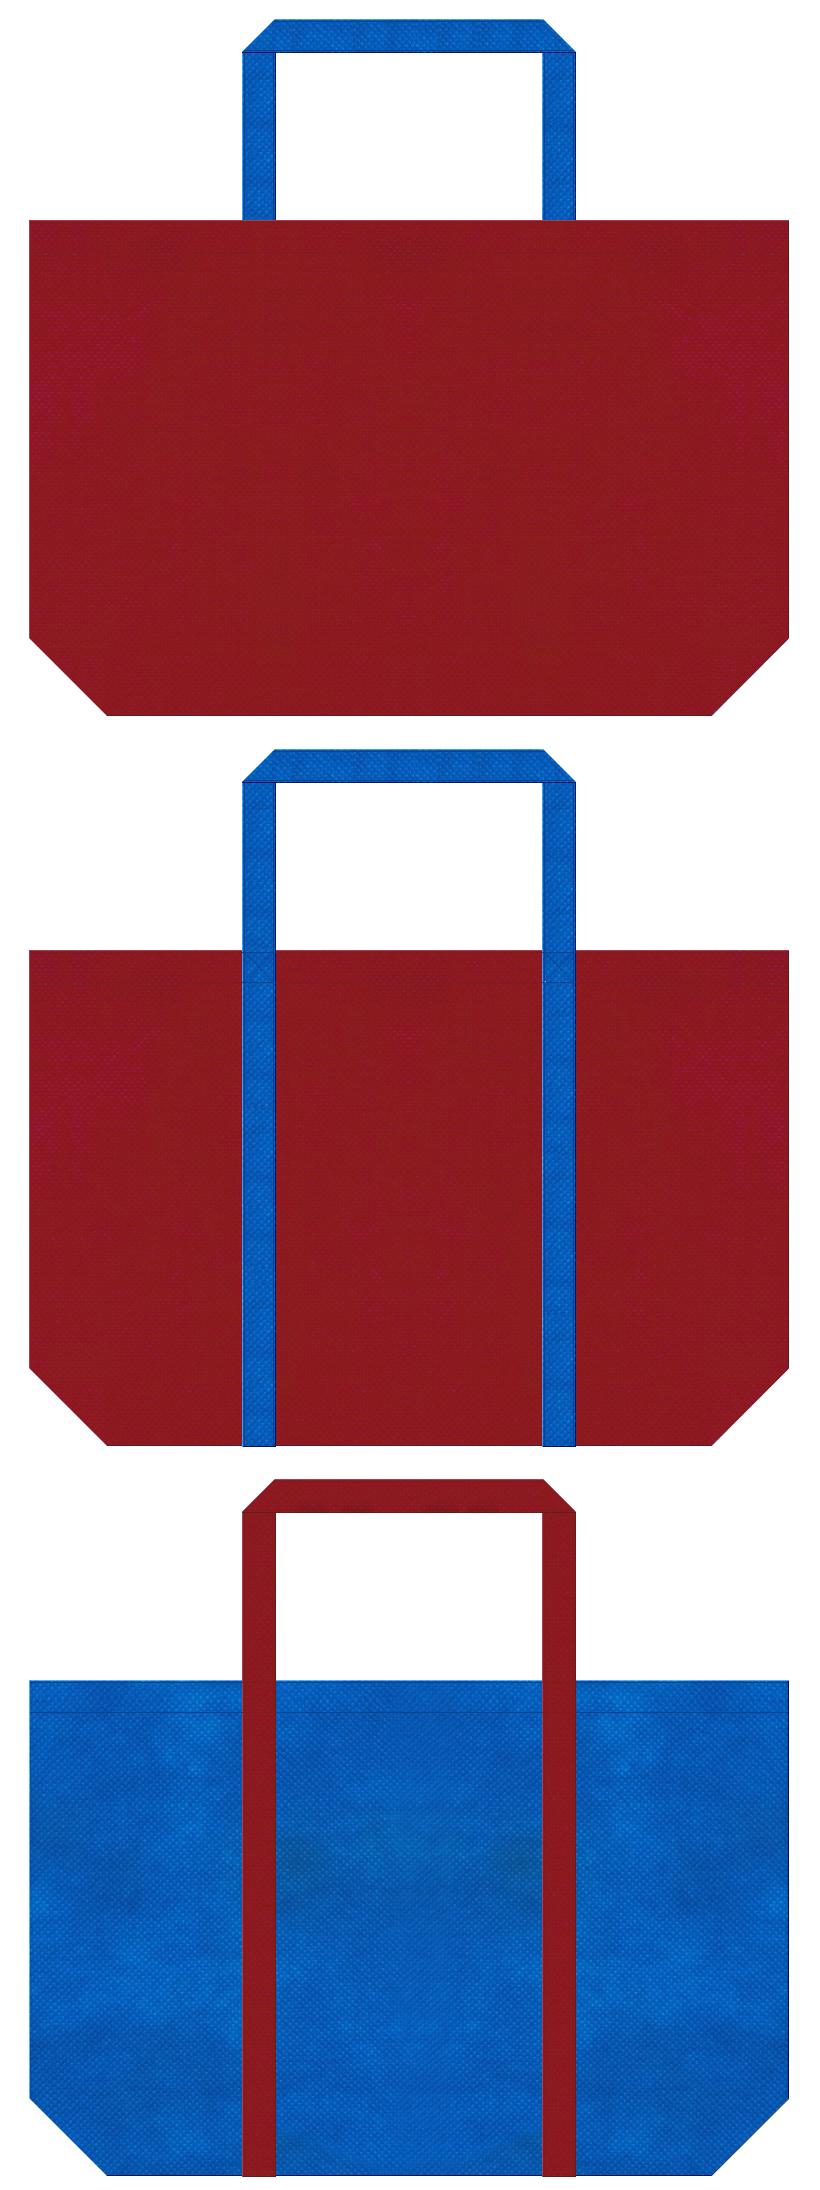 不織布カラーNo.25ローズレッドとNo.22スカイブルーの組み合わせ:不織布ショッピングバッグのデザイン